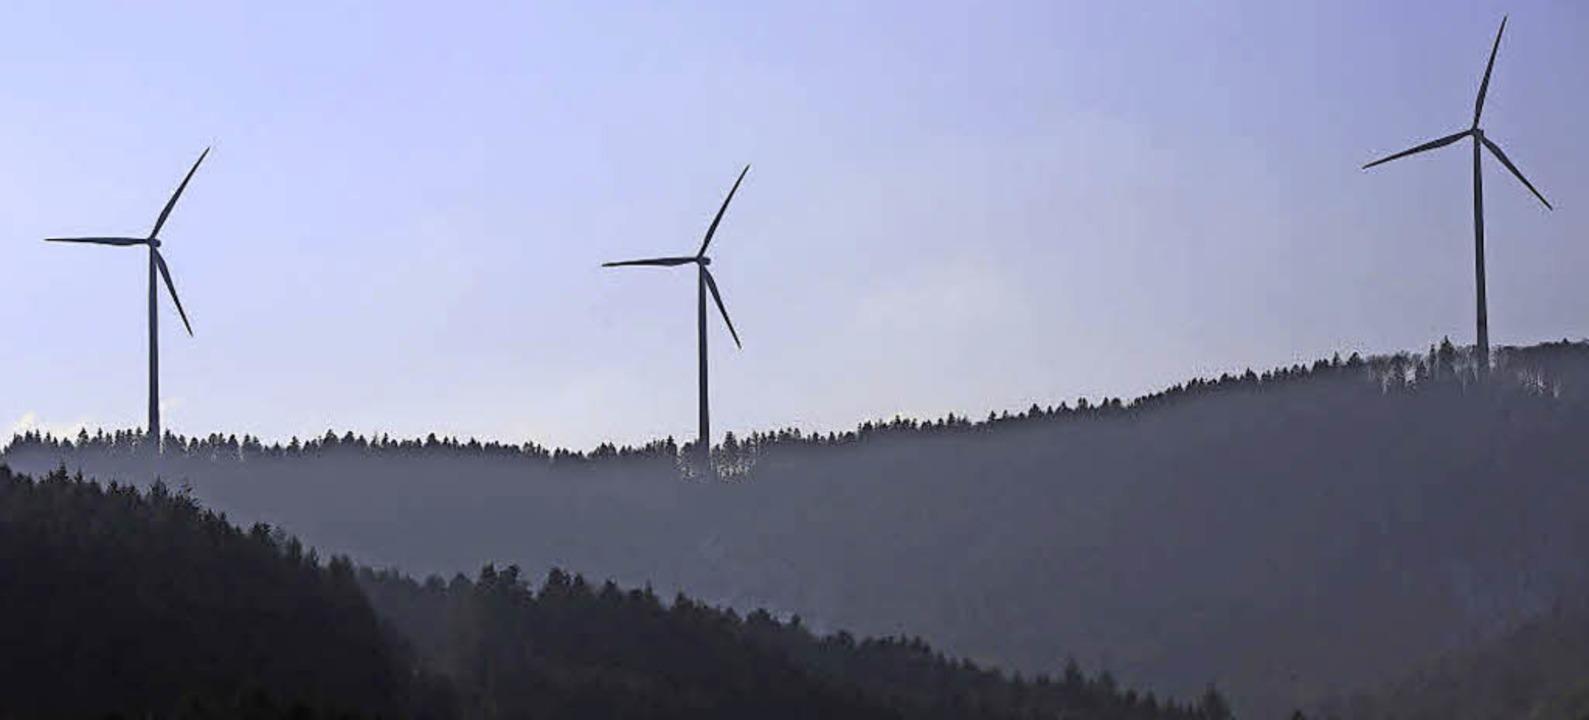 Die Windräder über dem Schuttertal.     Foto: Susanne gilg